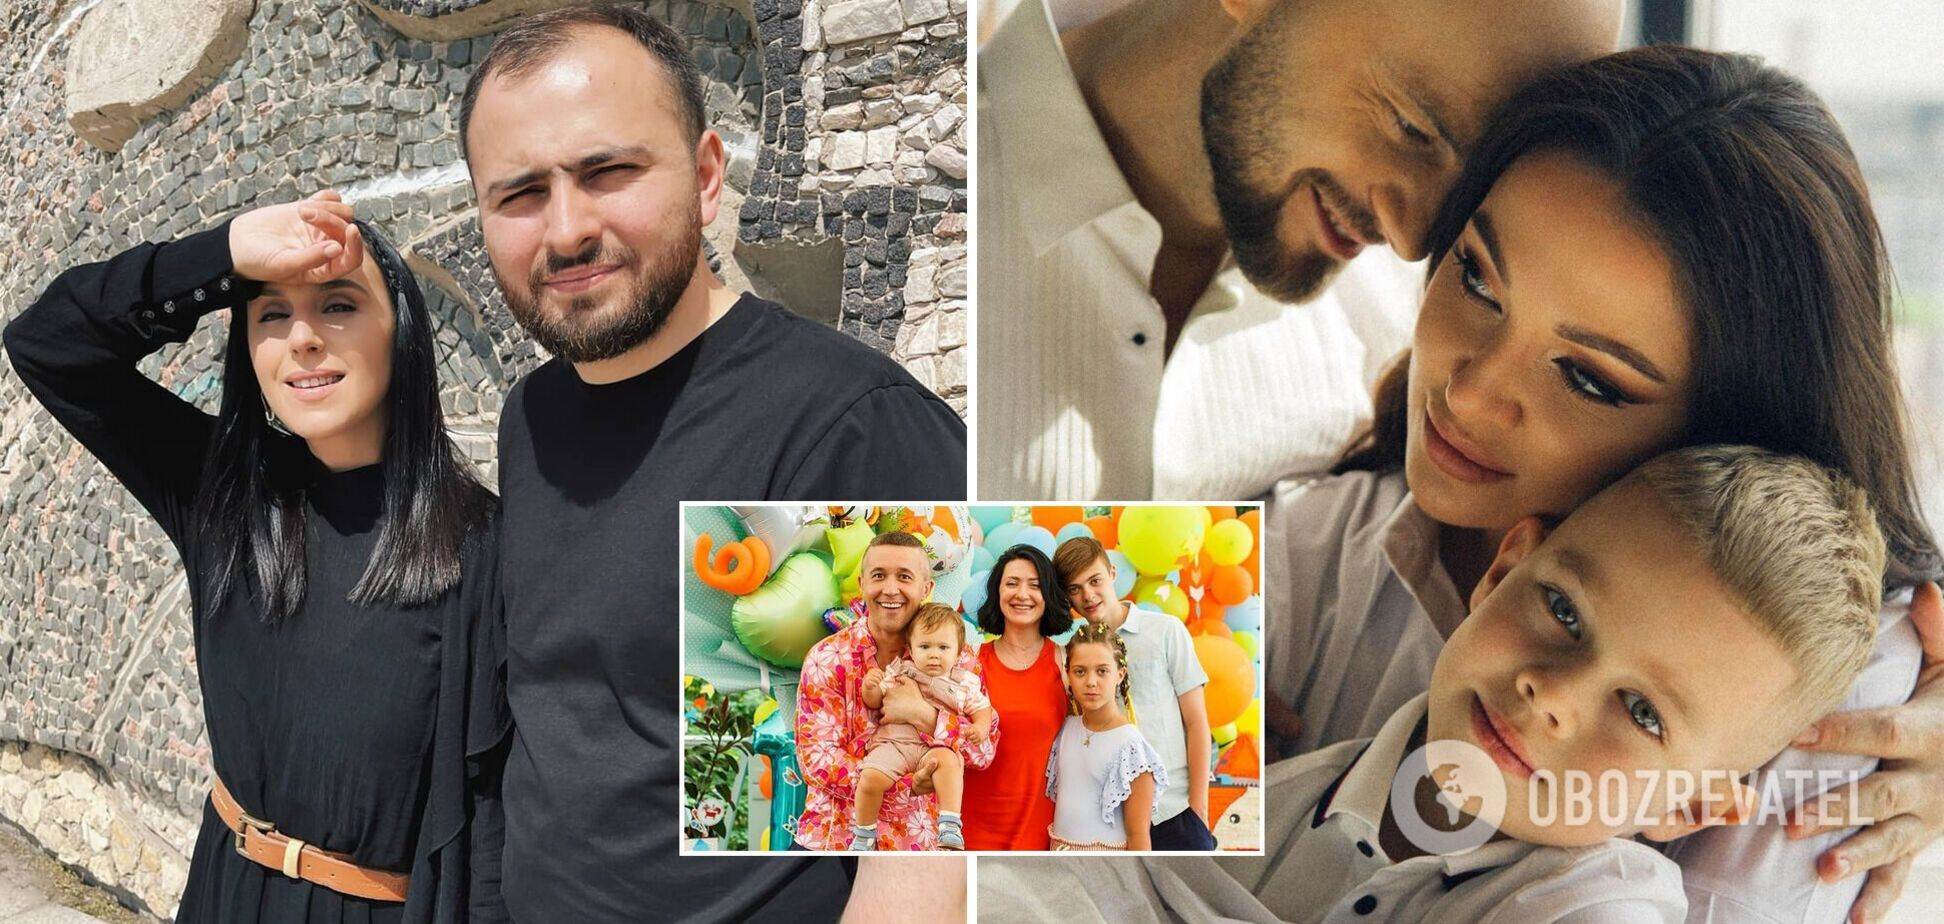 Бабкин, Яма, Джамала показали семейные фото и поздравили с праздником